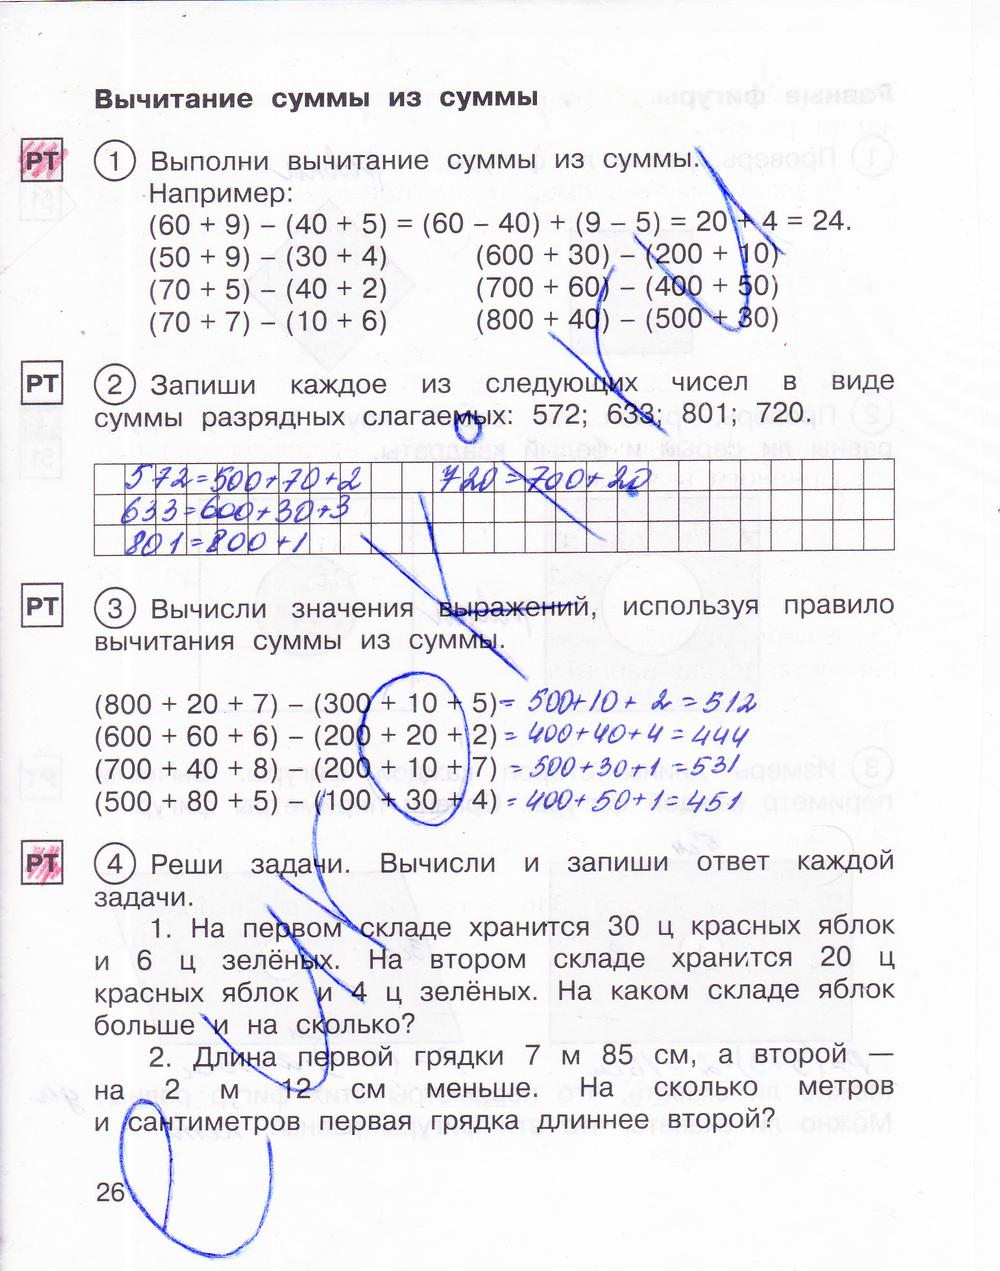 захарова рабочая гдз часть тетрадь юдина класс математике 2 по по 3